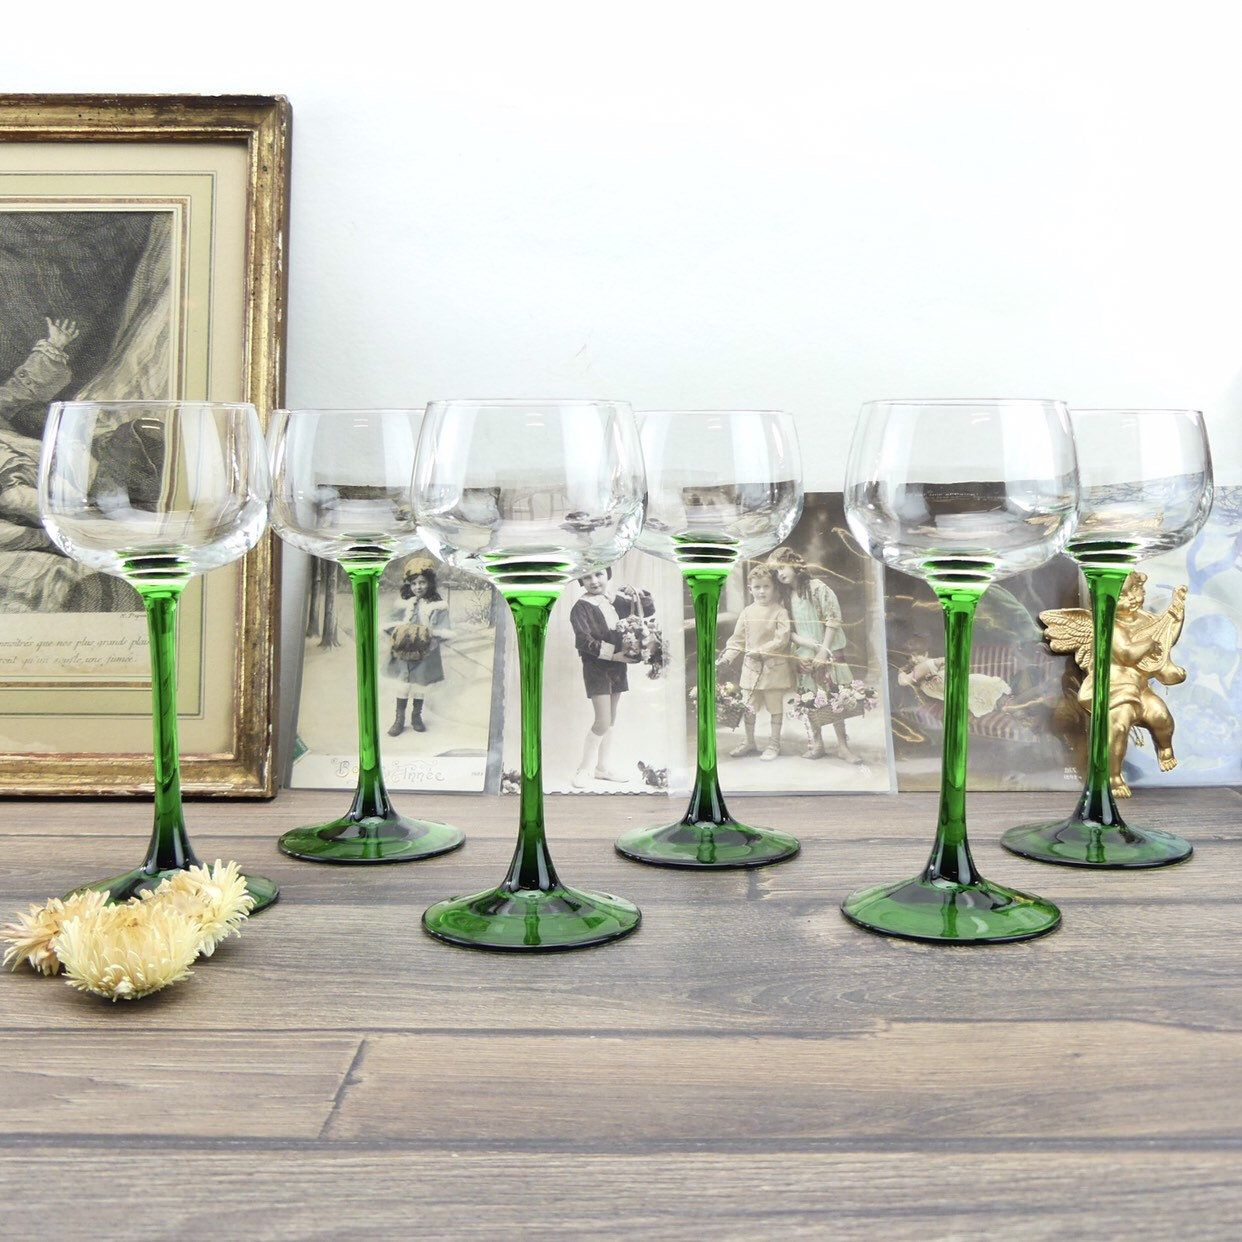 Verres A Vin Blanc Anciens Verres Verres Francais Verres Etsy Verre De Vin Verres A Vin Blanc Bistrot Francais